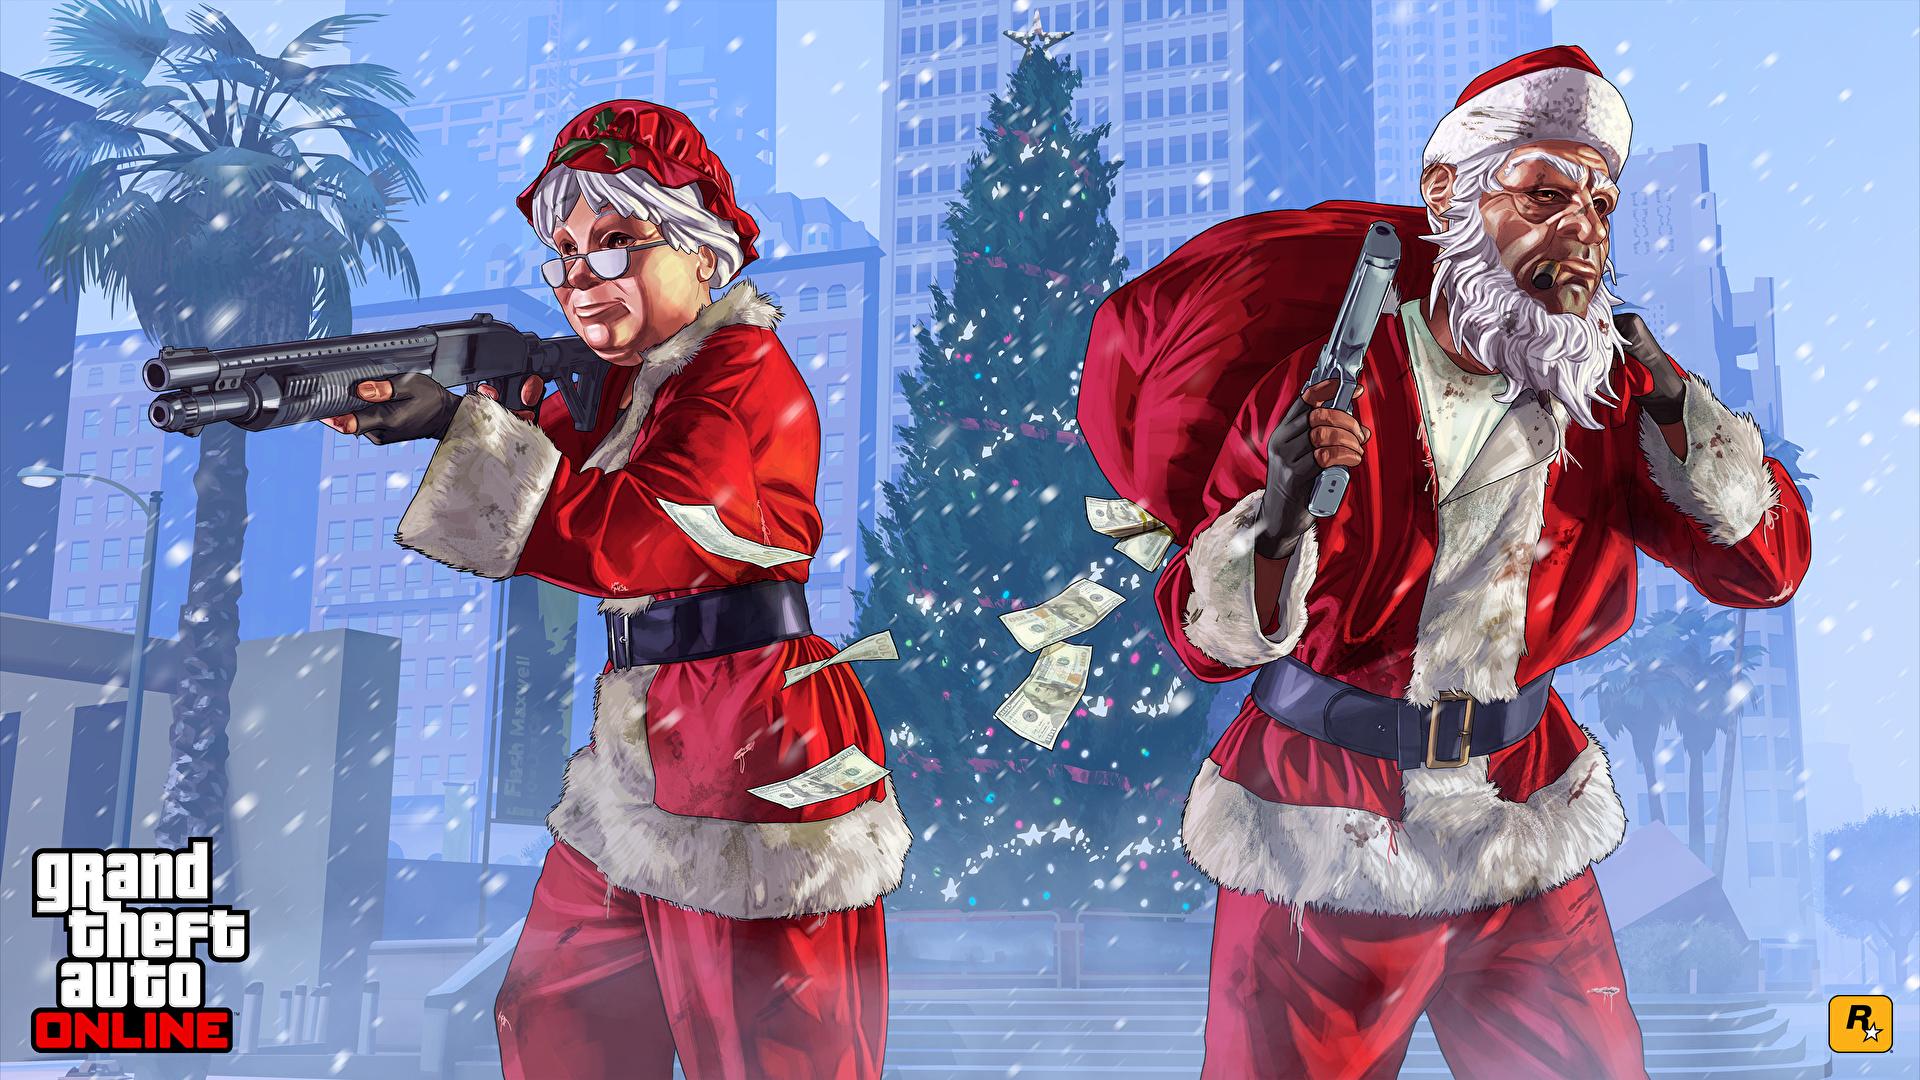 GTA_5_Christmas_Rifles_510744.jpg